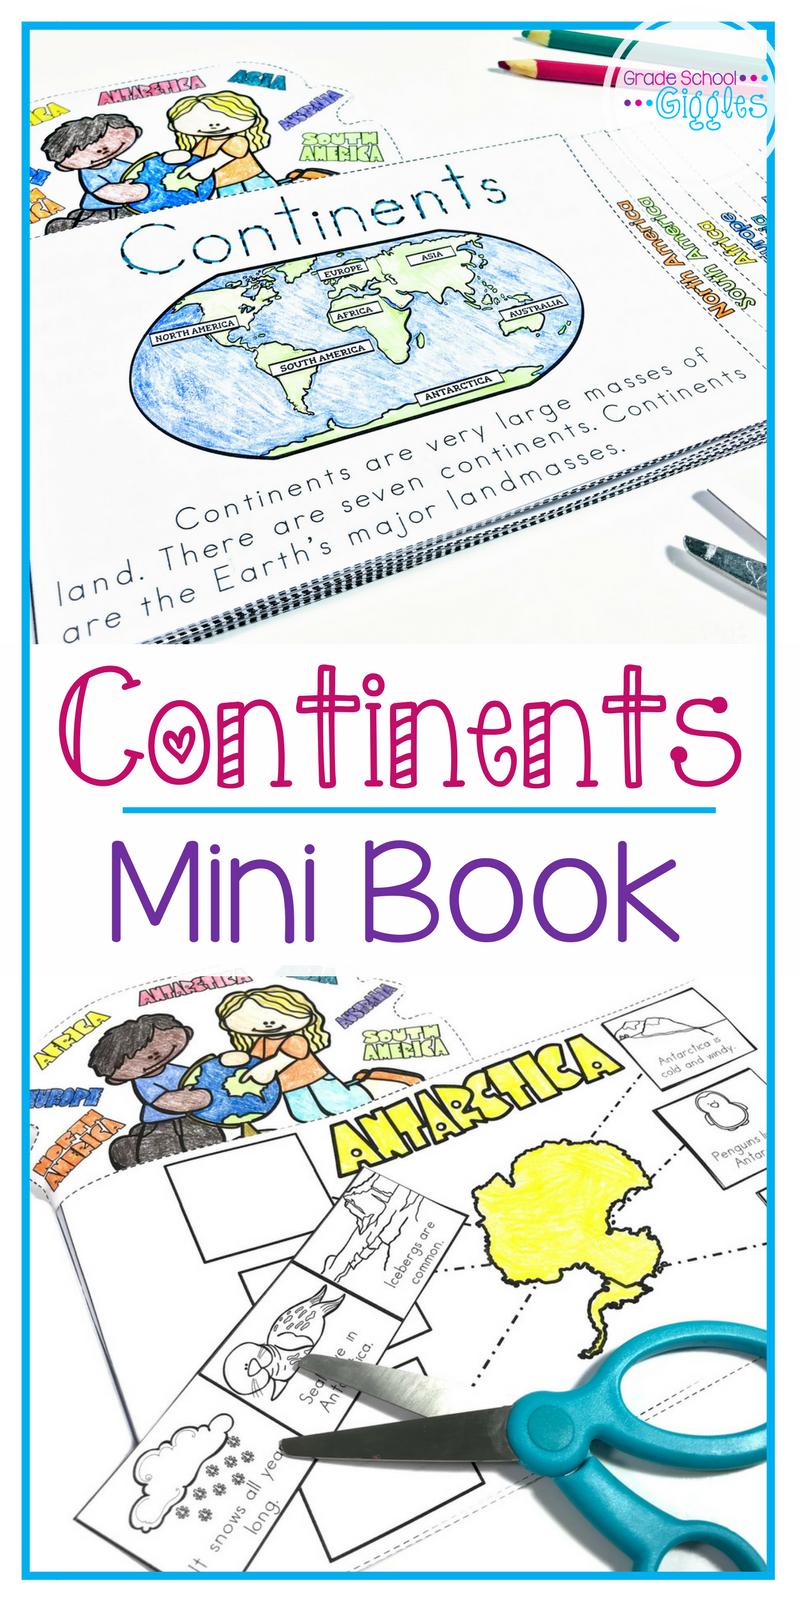 7 Continents Mini Book Grade School Giggles Continents